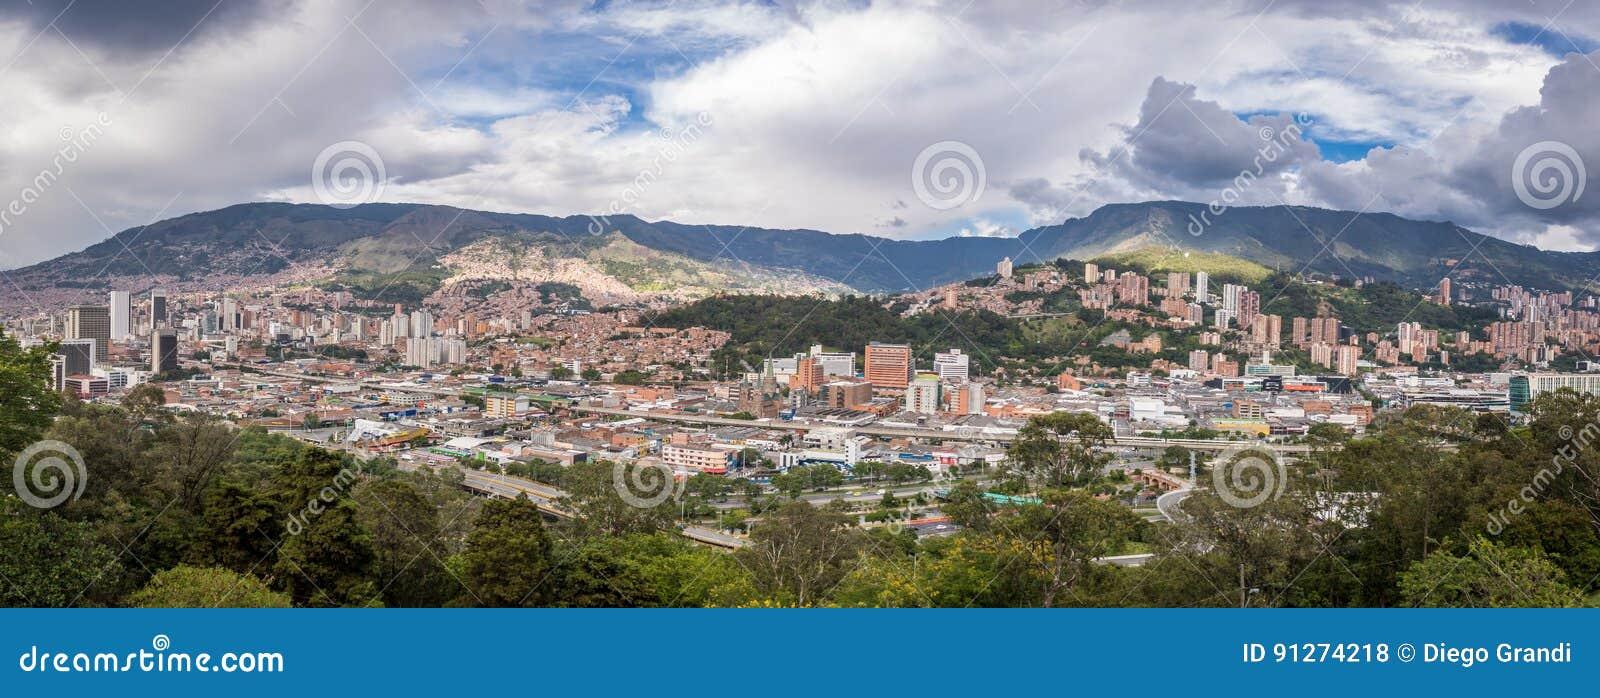 麦德林,哥伦比亚全景